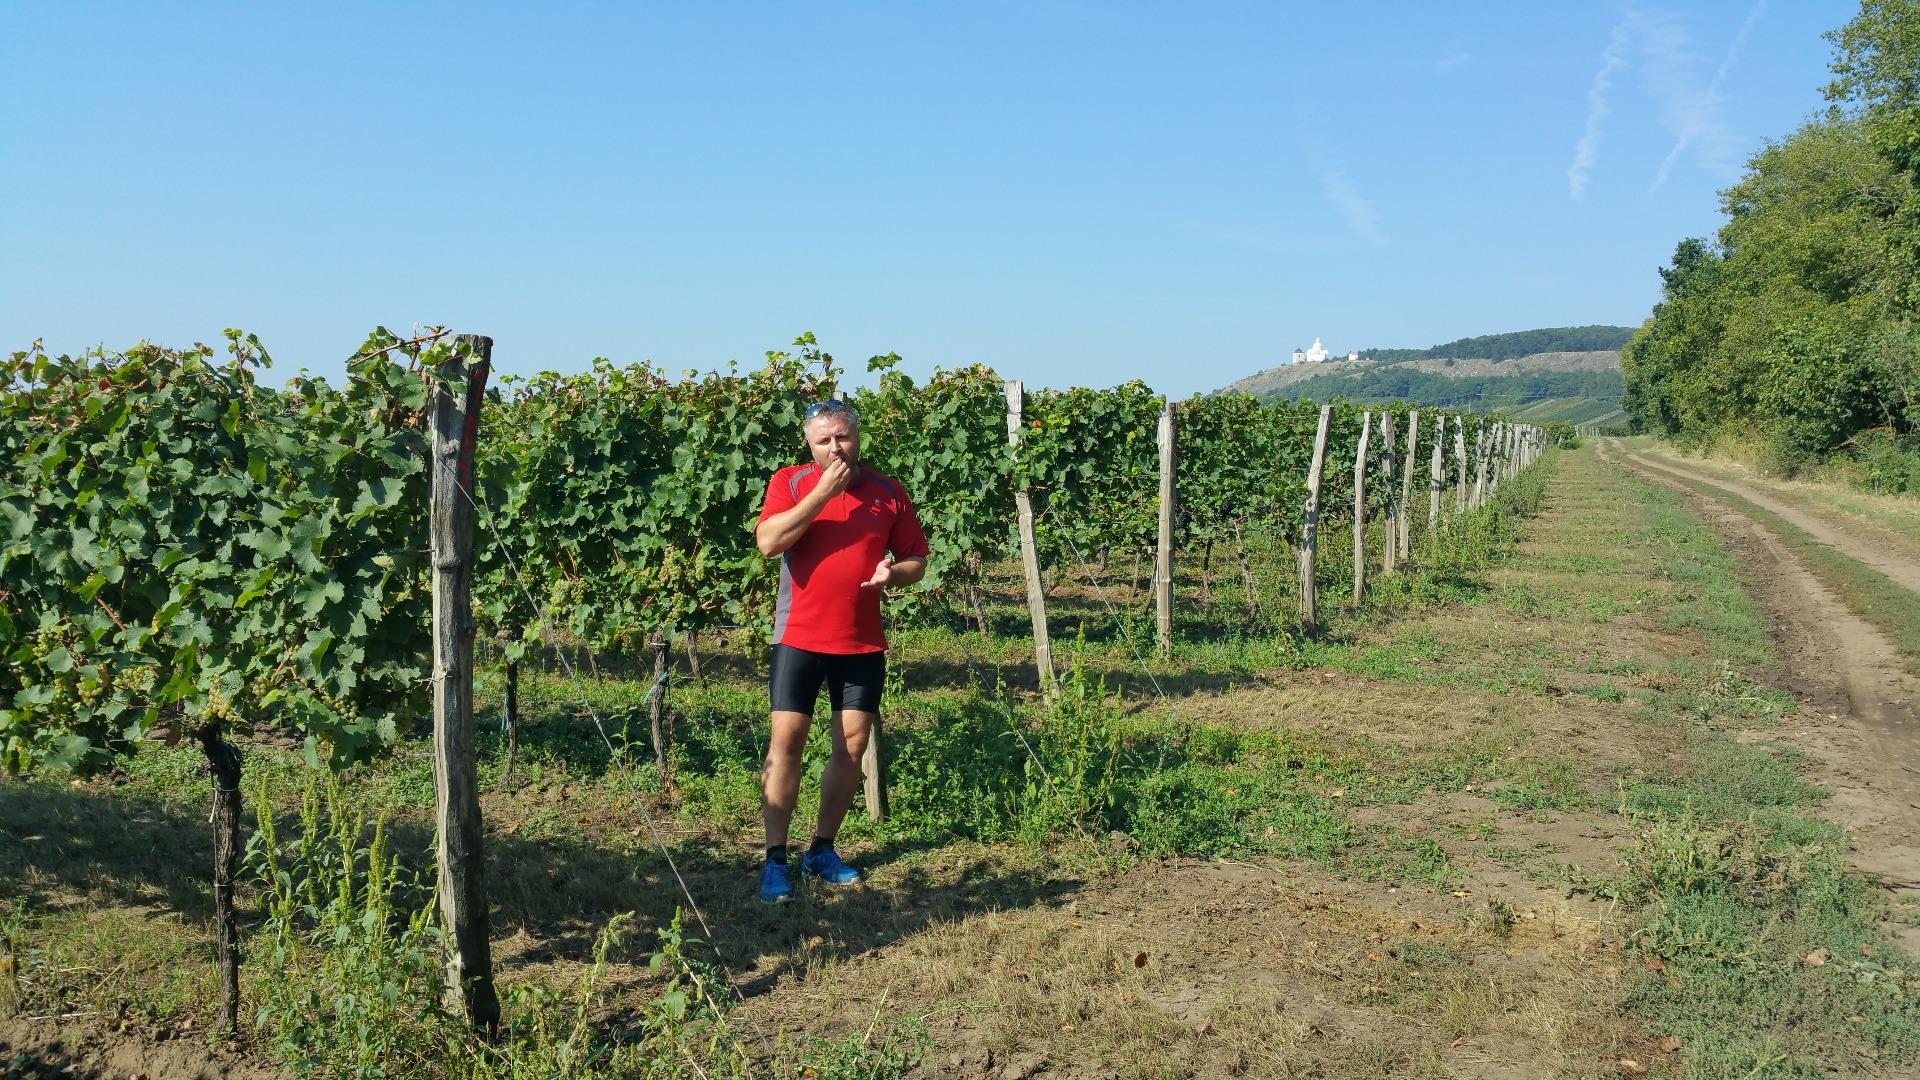 Míra Kapoun na vinici pod Svatým kopečkem